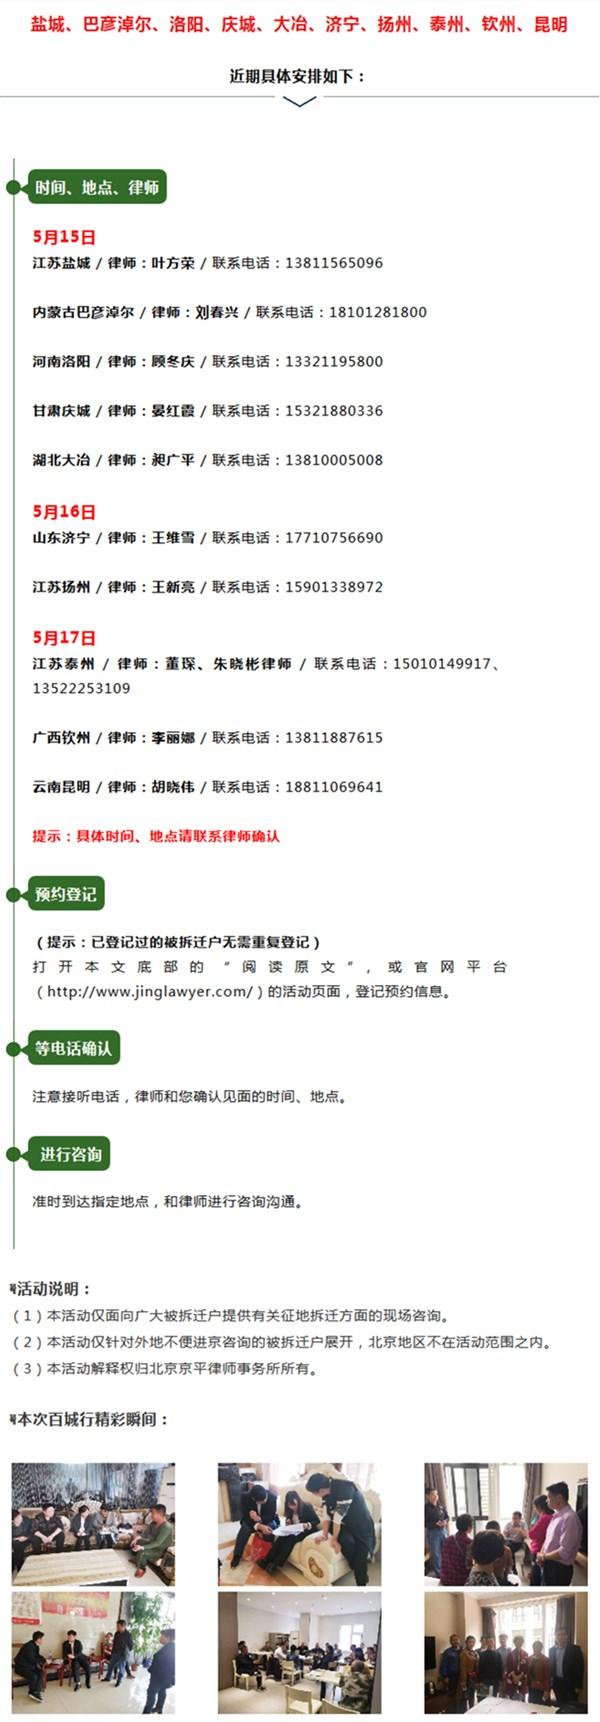 5月15日京平律师百城行五站同行,快看有没有你家?